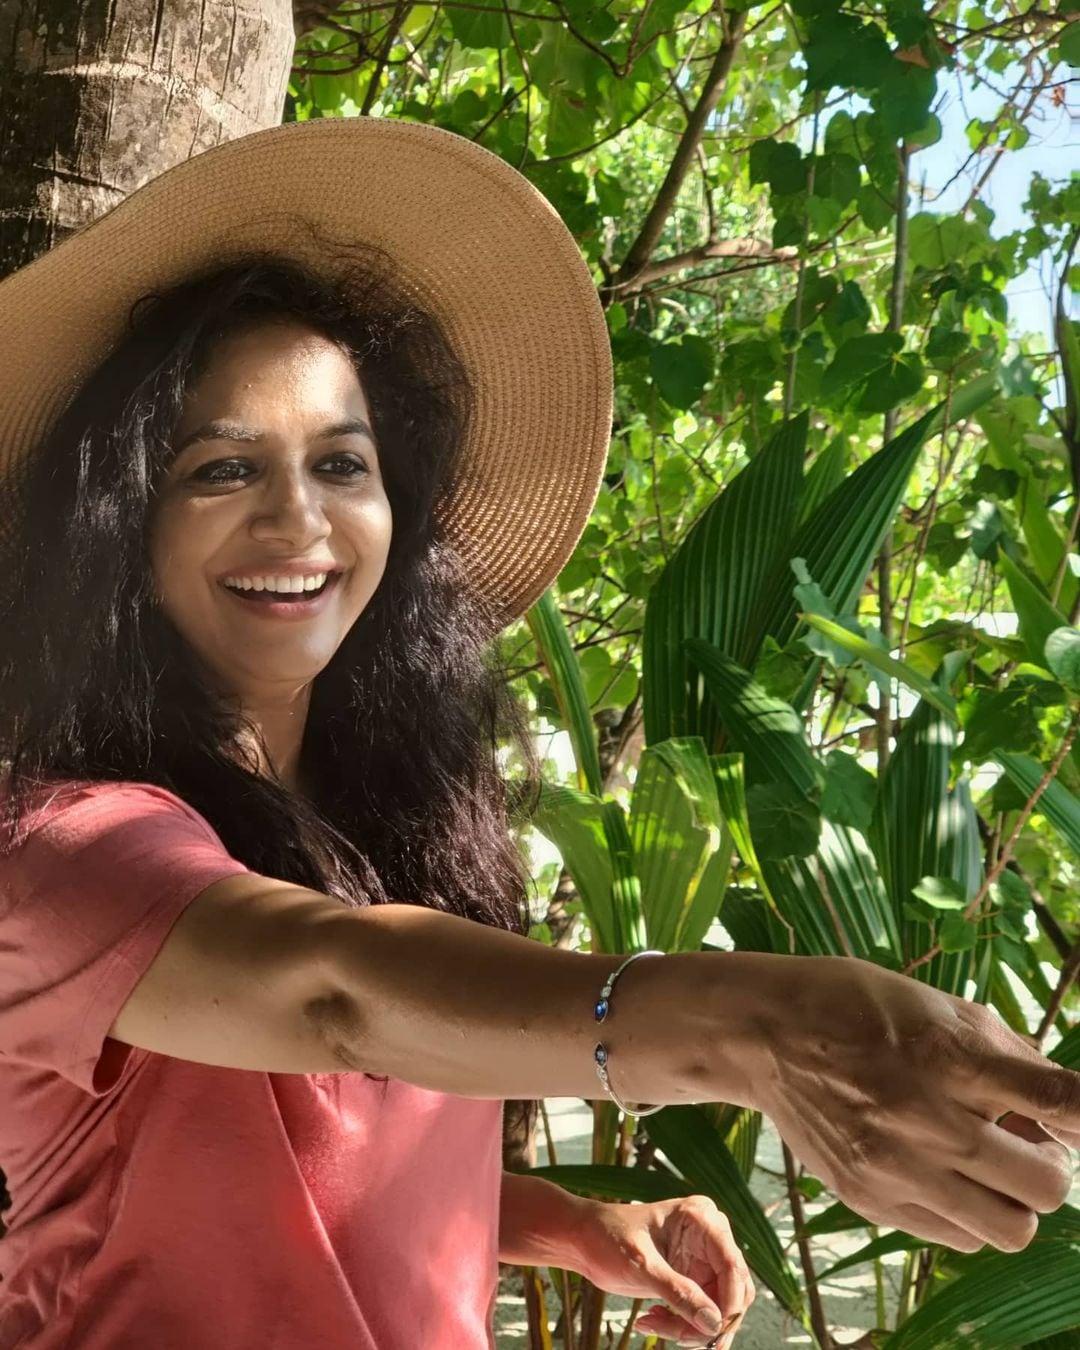 హాలీడే వెకేషన్లో తెగ ఎంజాయ్ చేస్తోన్న సింగర్ సునీత (Instagram/Photo)